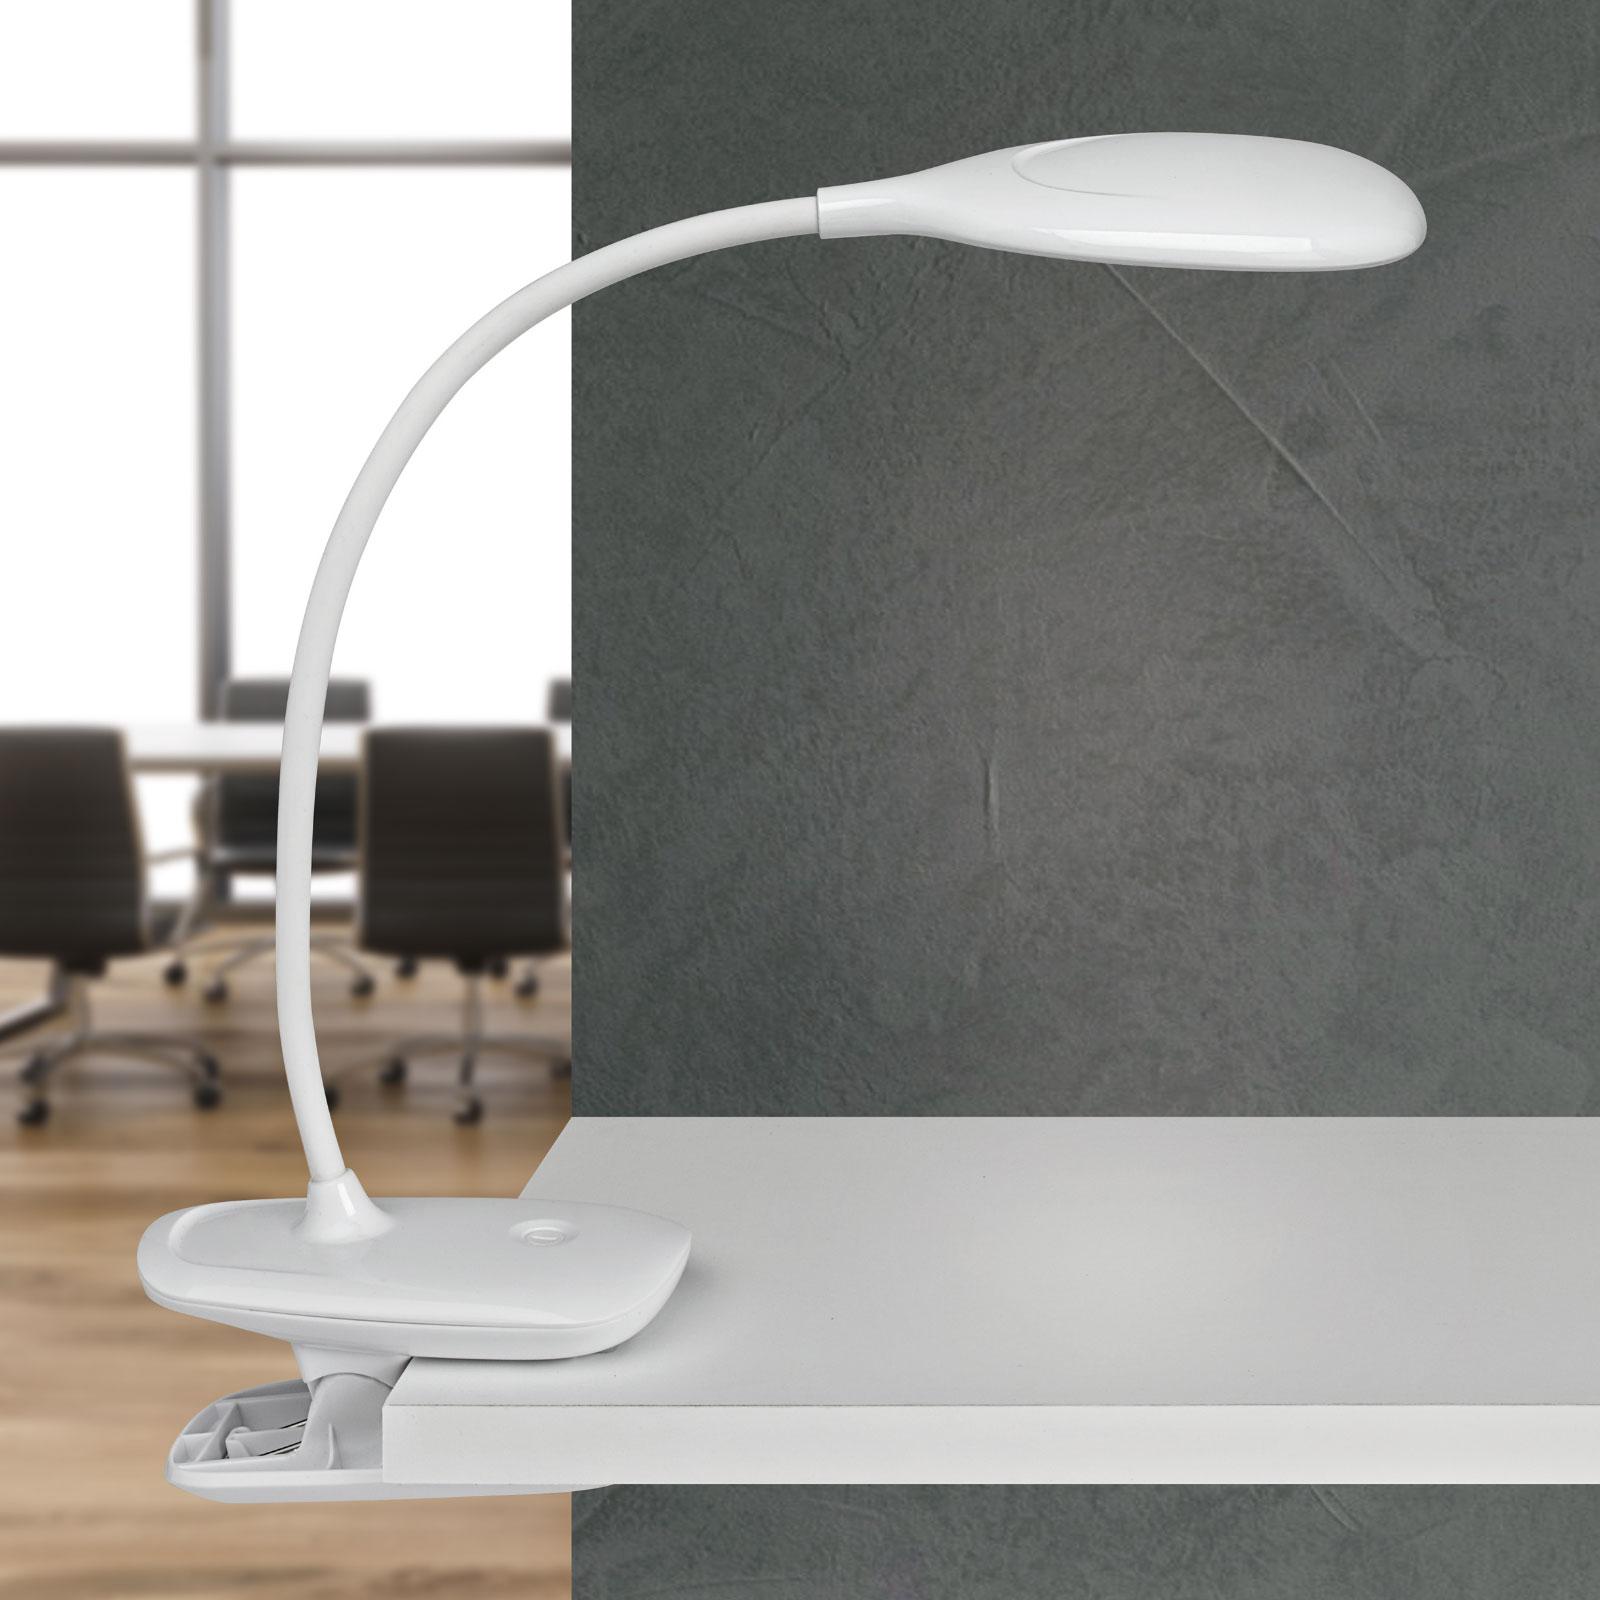 LED-työpöytälamppu MAULjack, akku, himmennettävä